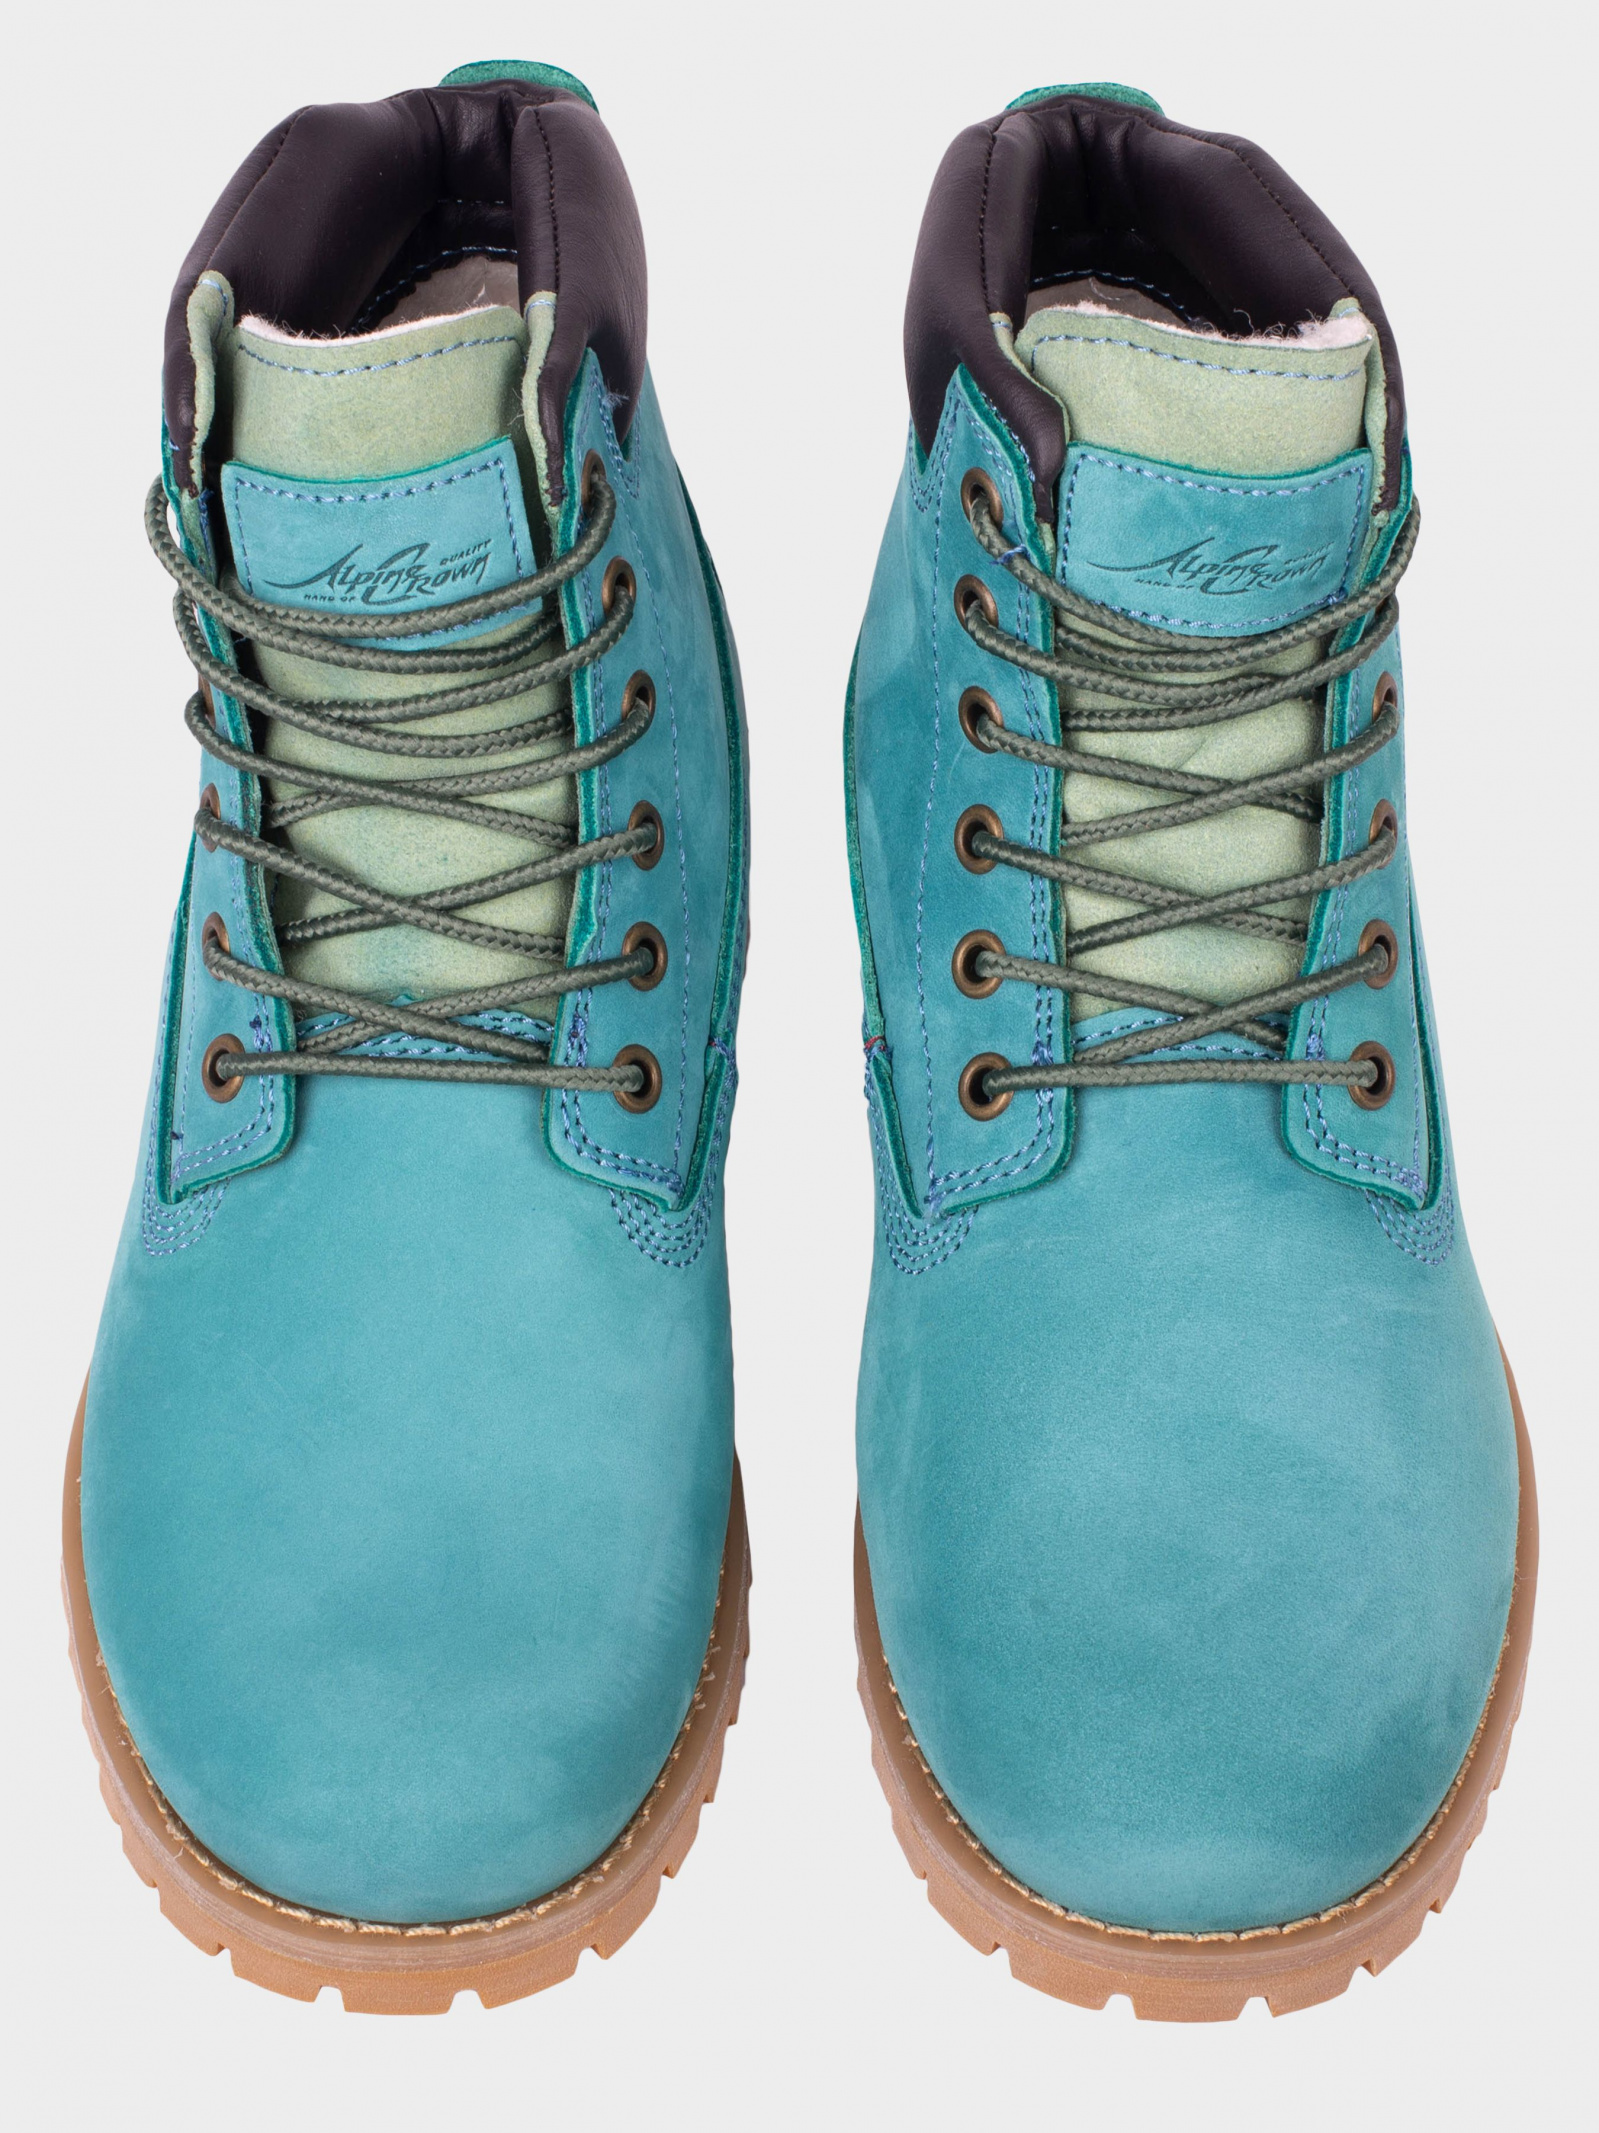 Черевики  для жінок Alpine Сrown ACFW-180429-003 купити в Iнтертоп, 2017